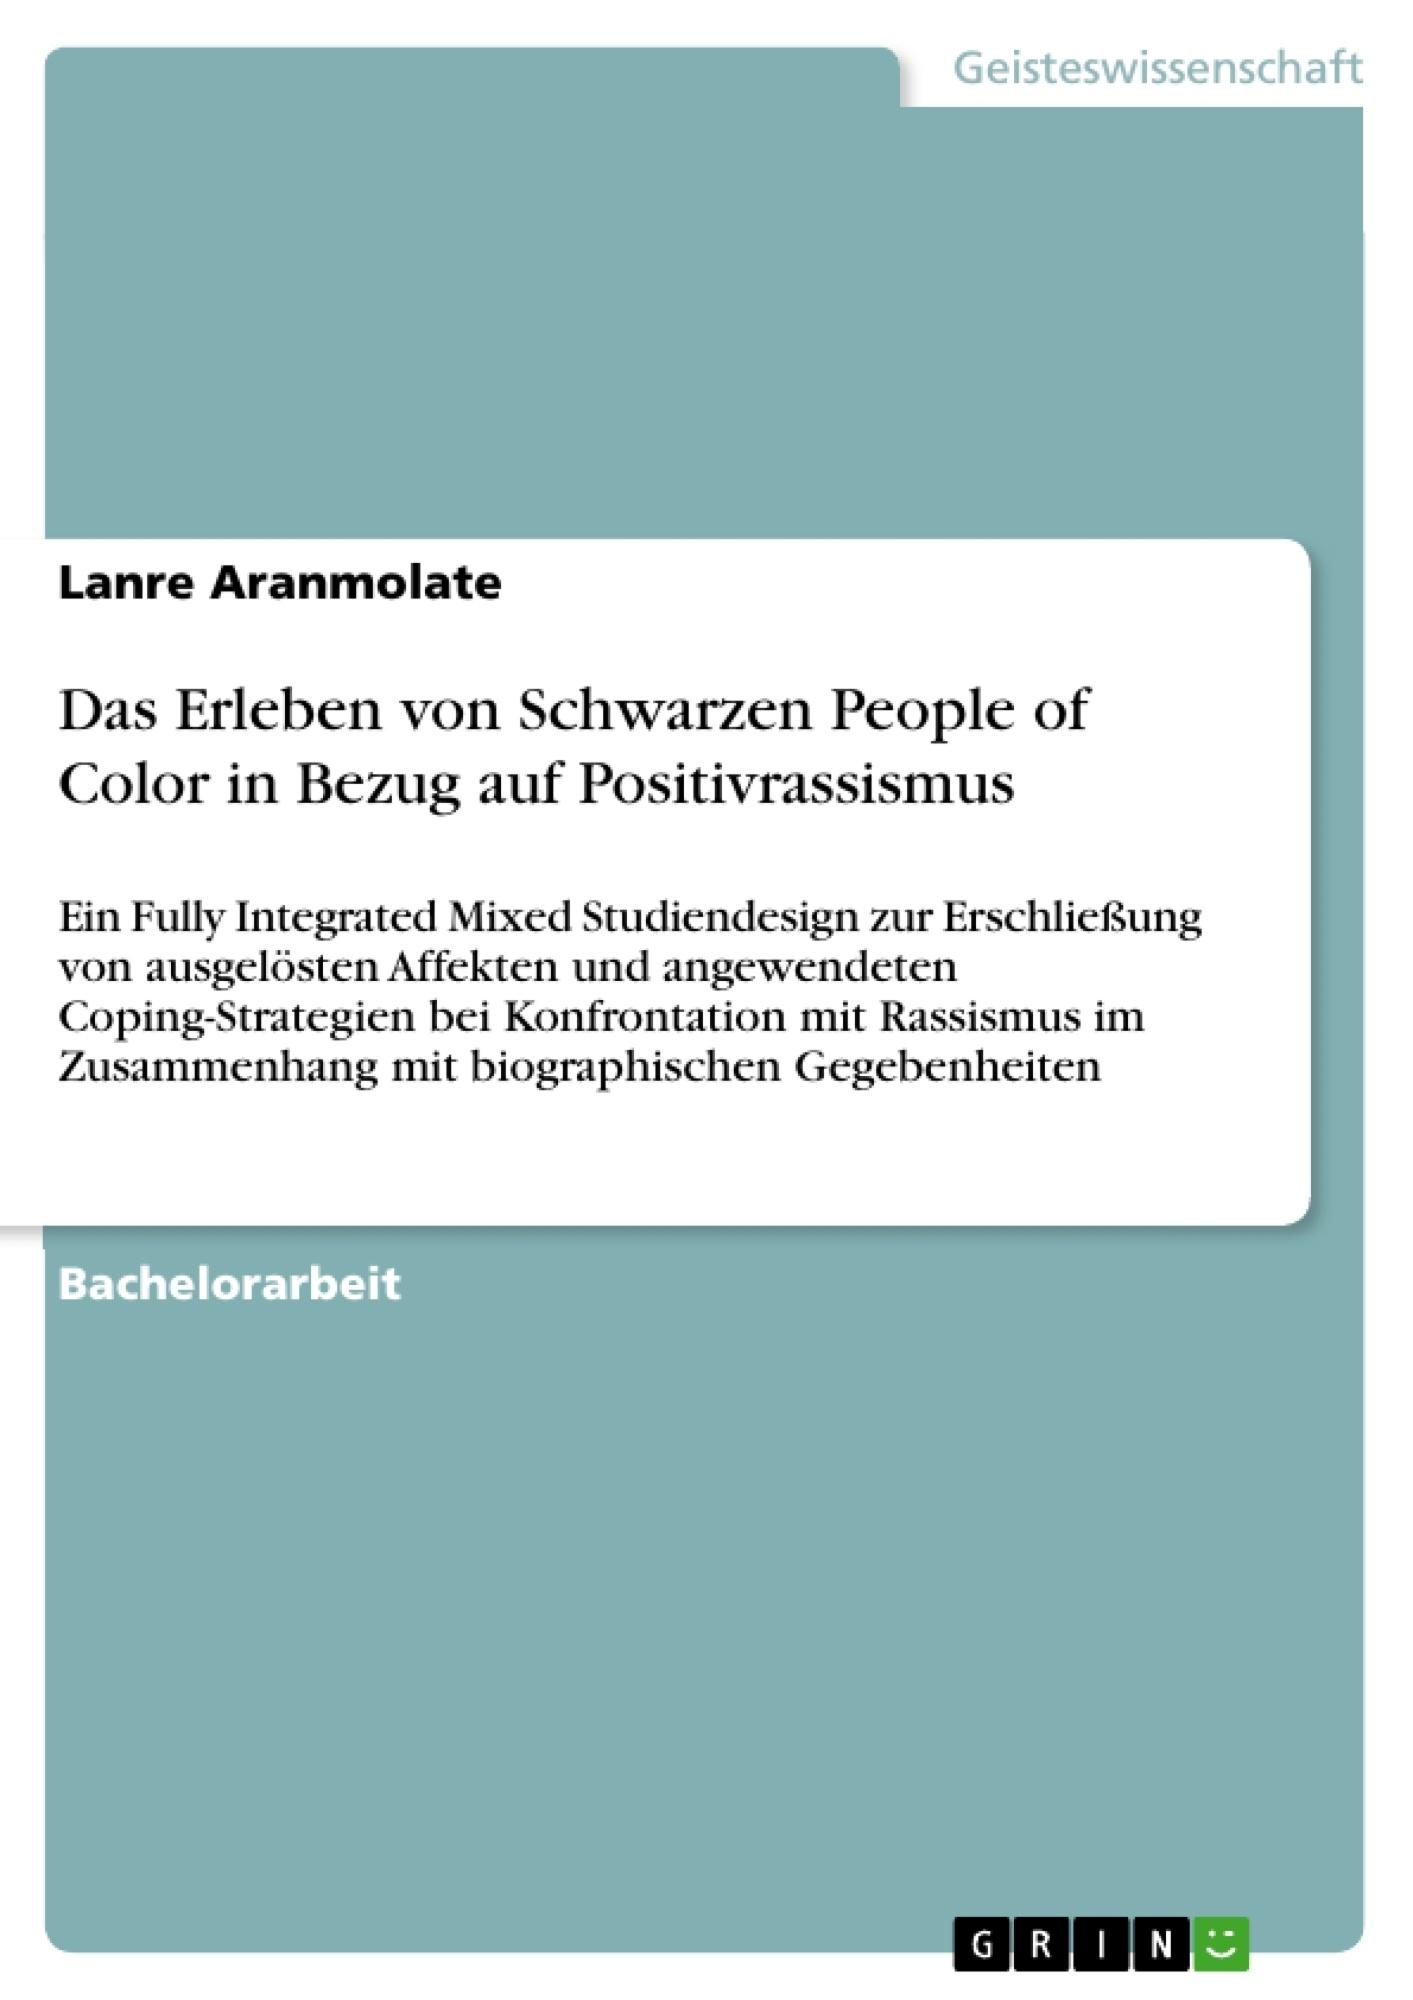 Titel: Das Erleben von Schwarzen People of Color in Bezug auf Positivrassismus